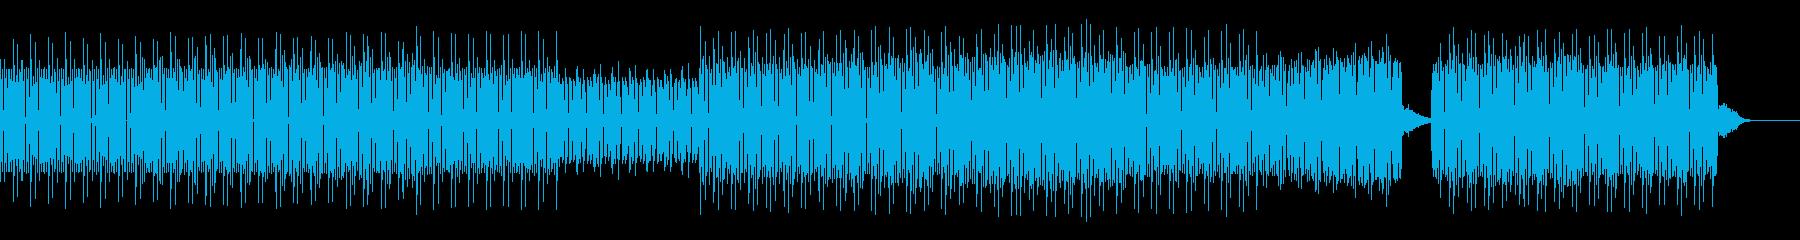 店舗向け:重低音ディープハウスの再生済みの波形